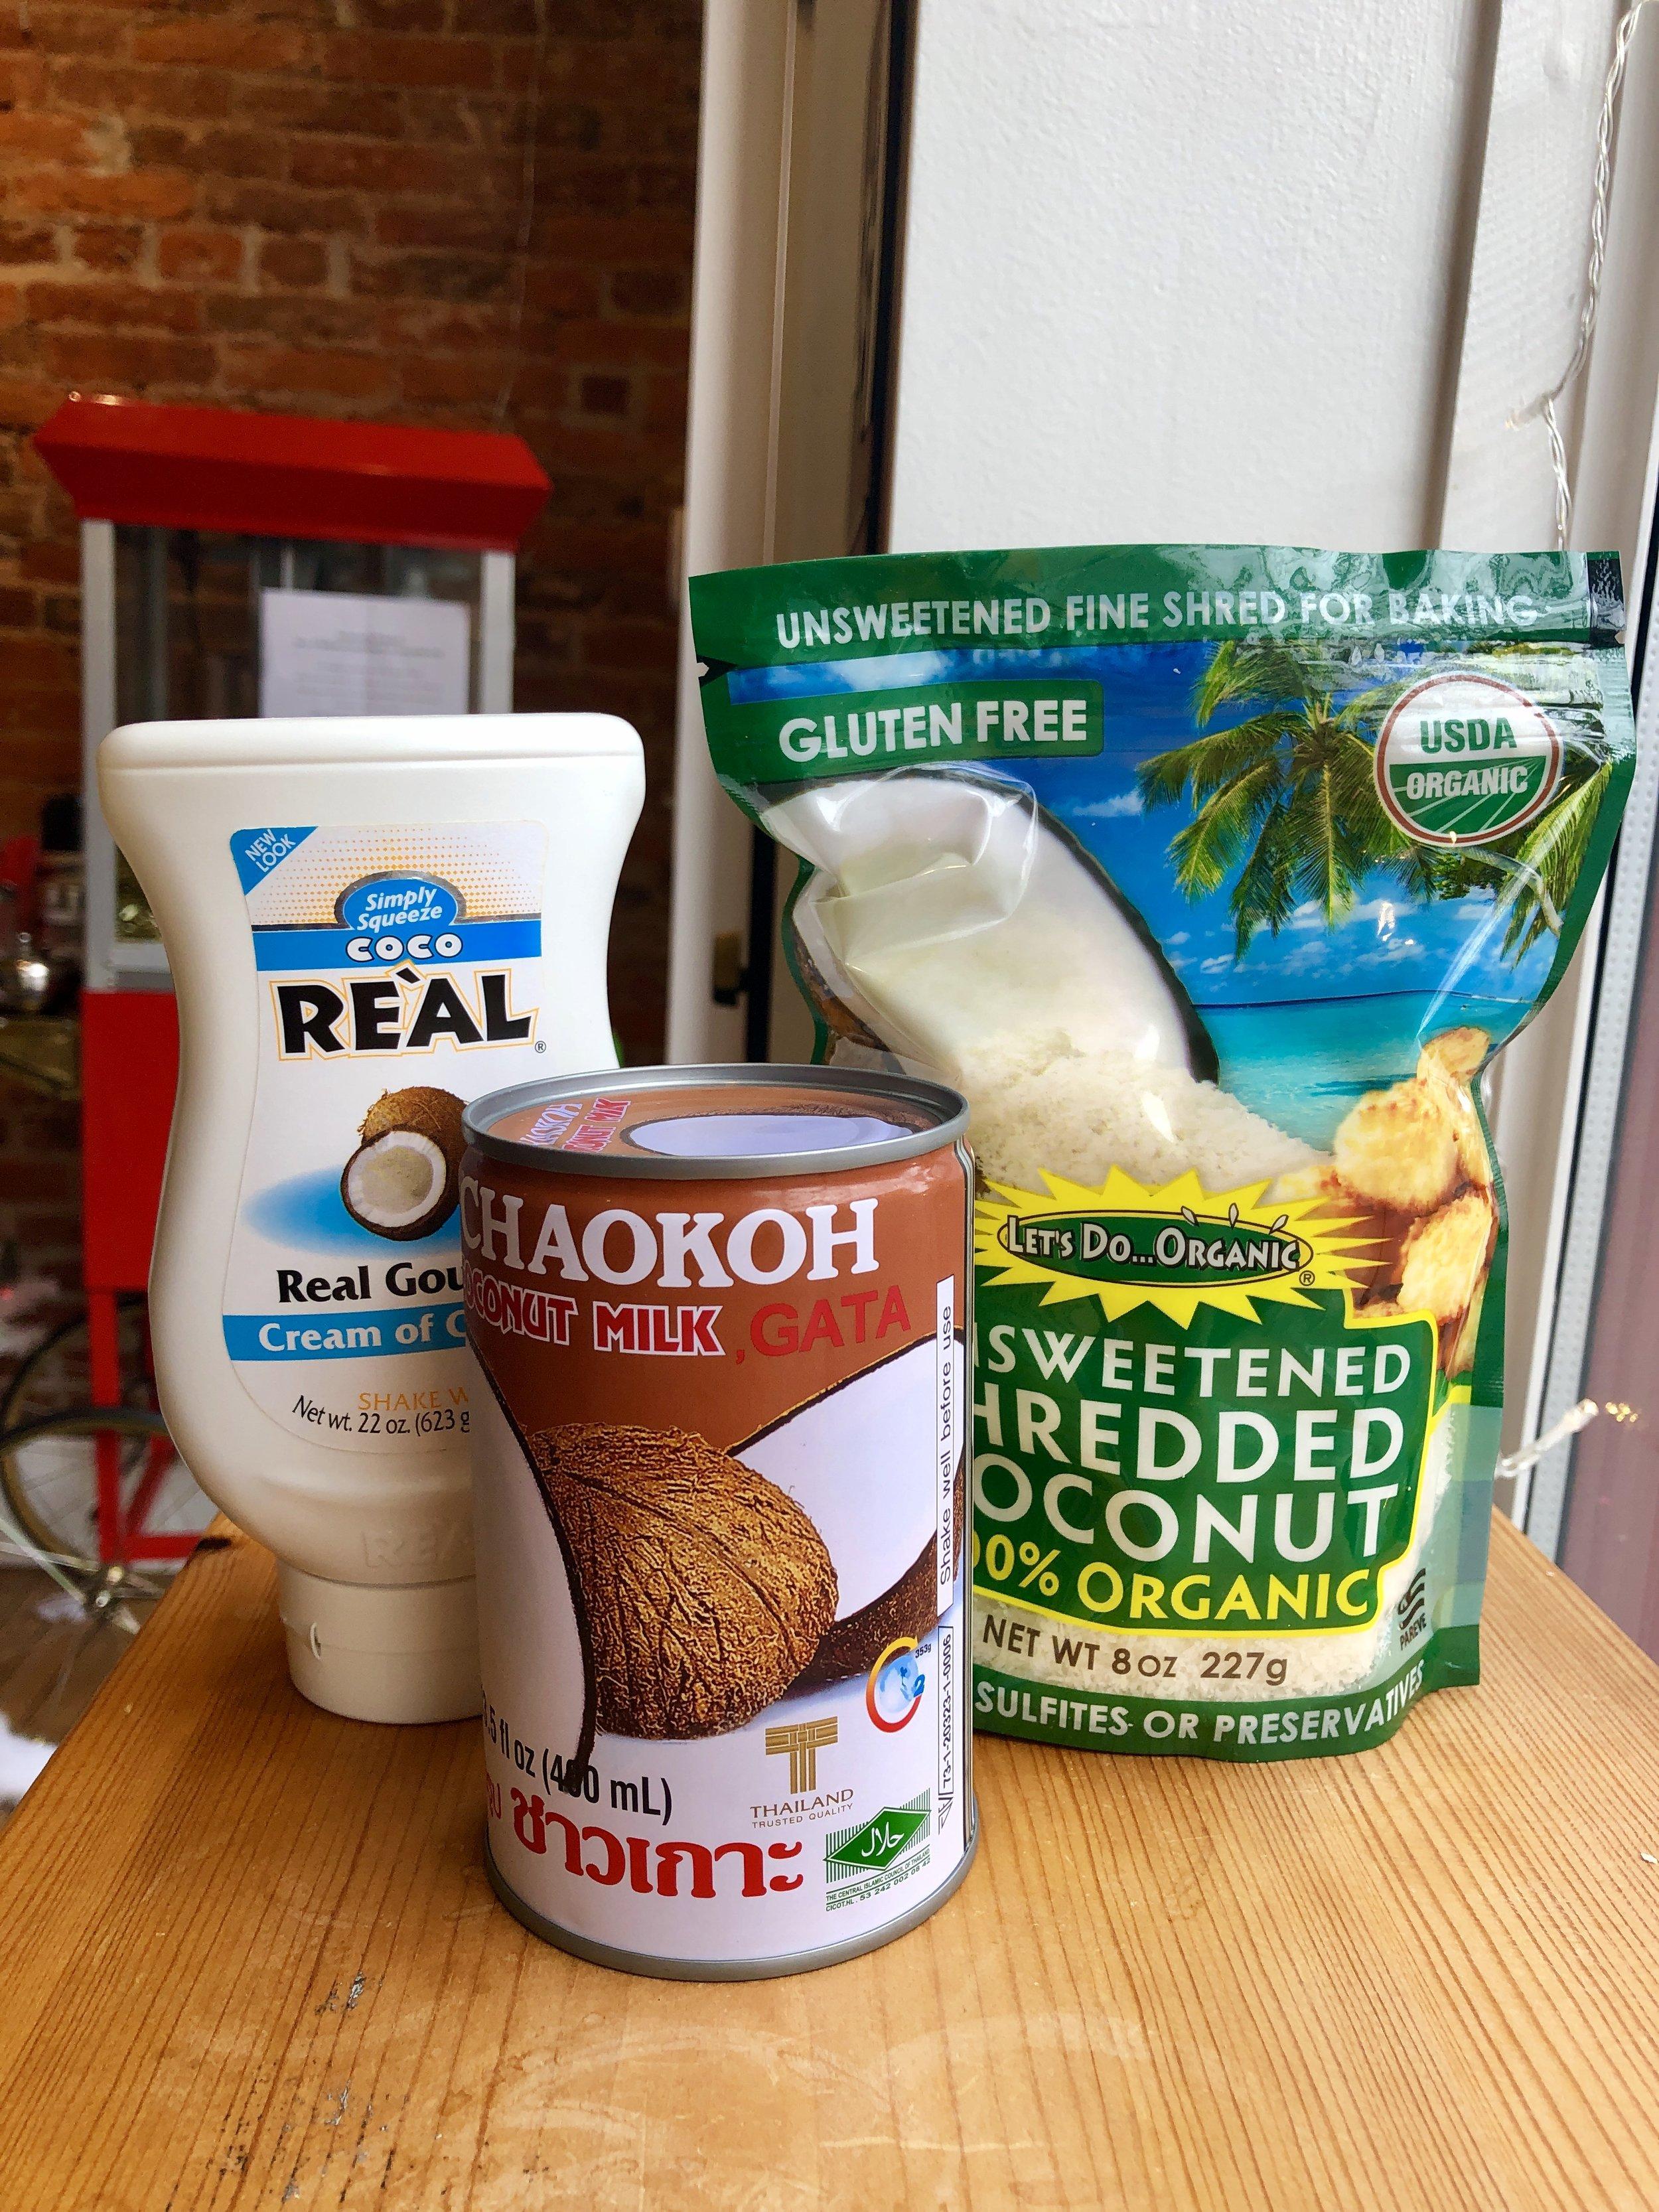 Limber de Coco Ingredients